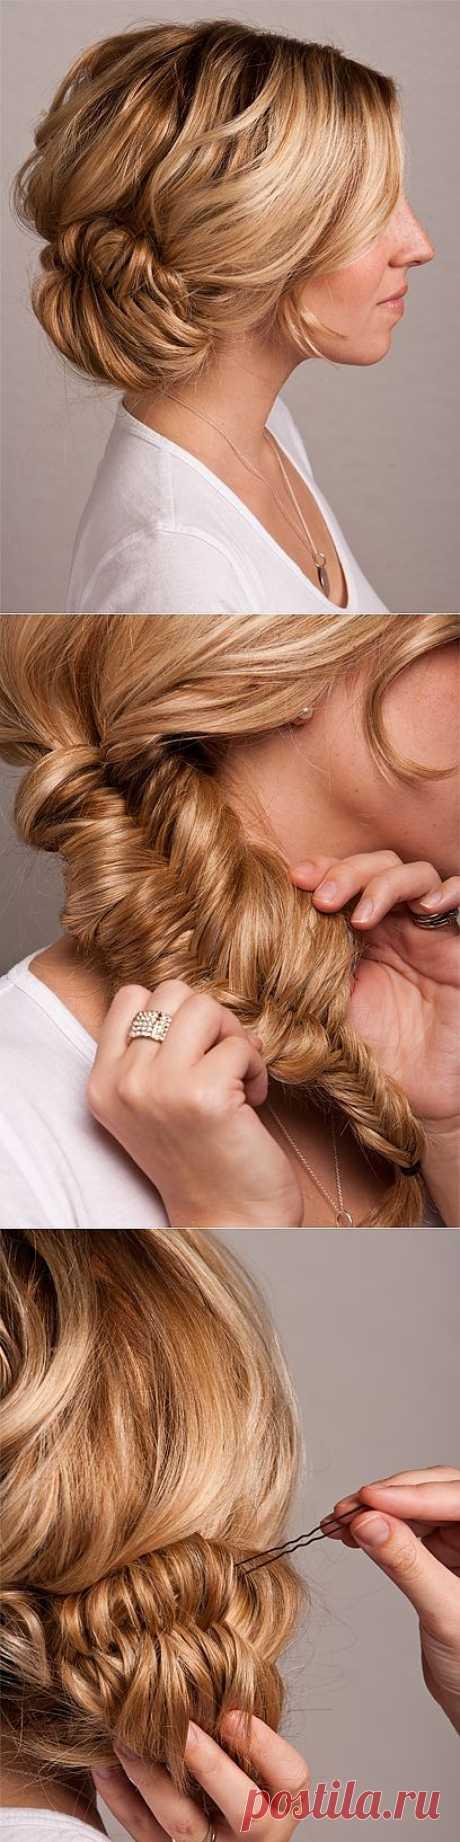 Пучок из косы (мастер-класс) / Прически / Модный сайт о стильной переделке одежды и интерьера